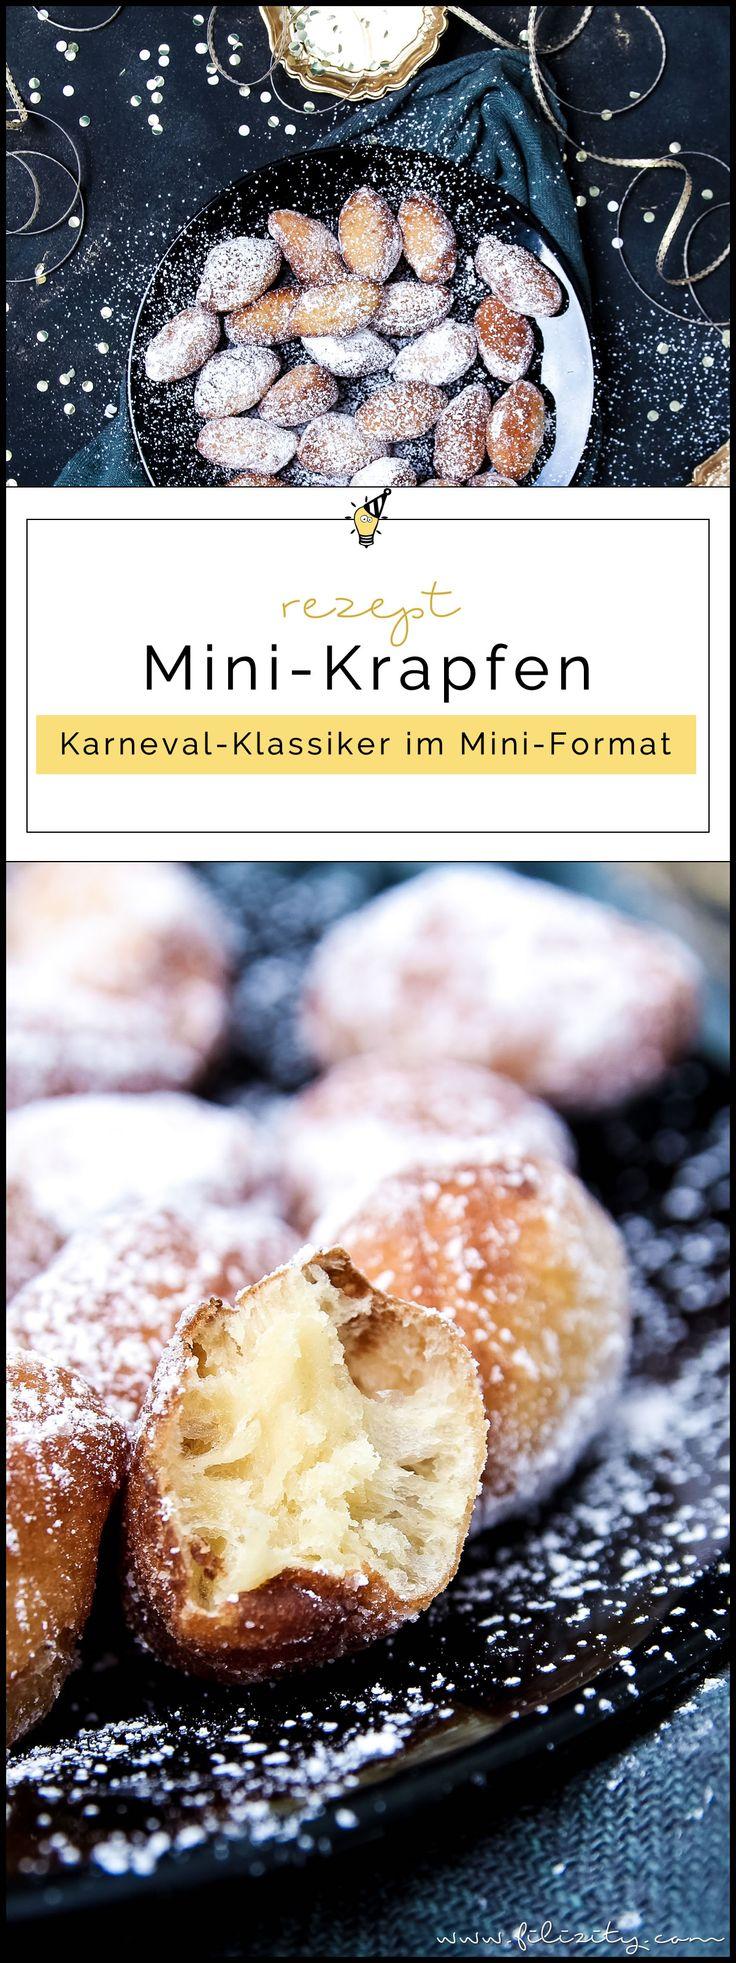 Fasching-Rezept für Mini-Krapfen   Berliner ohne Füllung   Filizity.com   Food-Blog aus dem Rheinland #helau #alaaf #karneval #fasching #berliner #partyfood